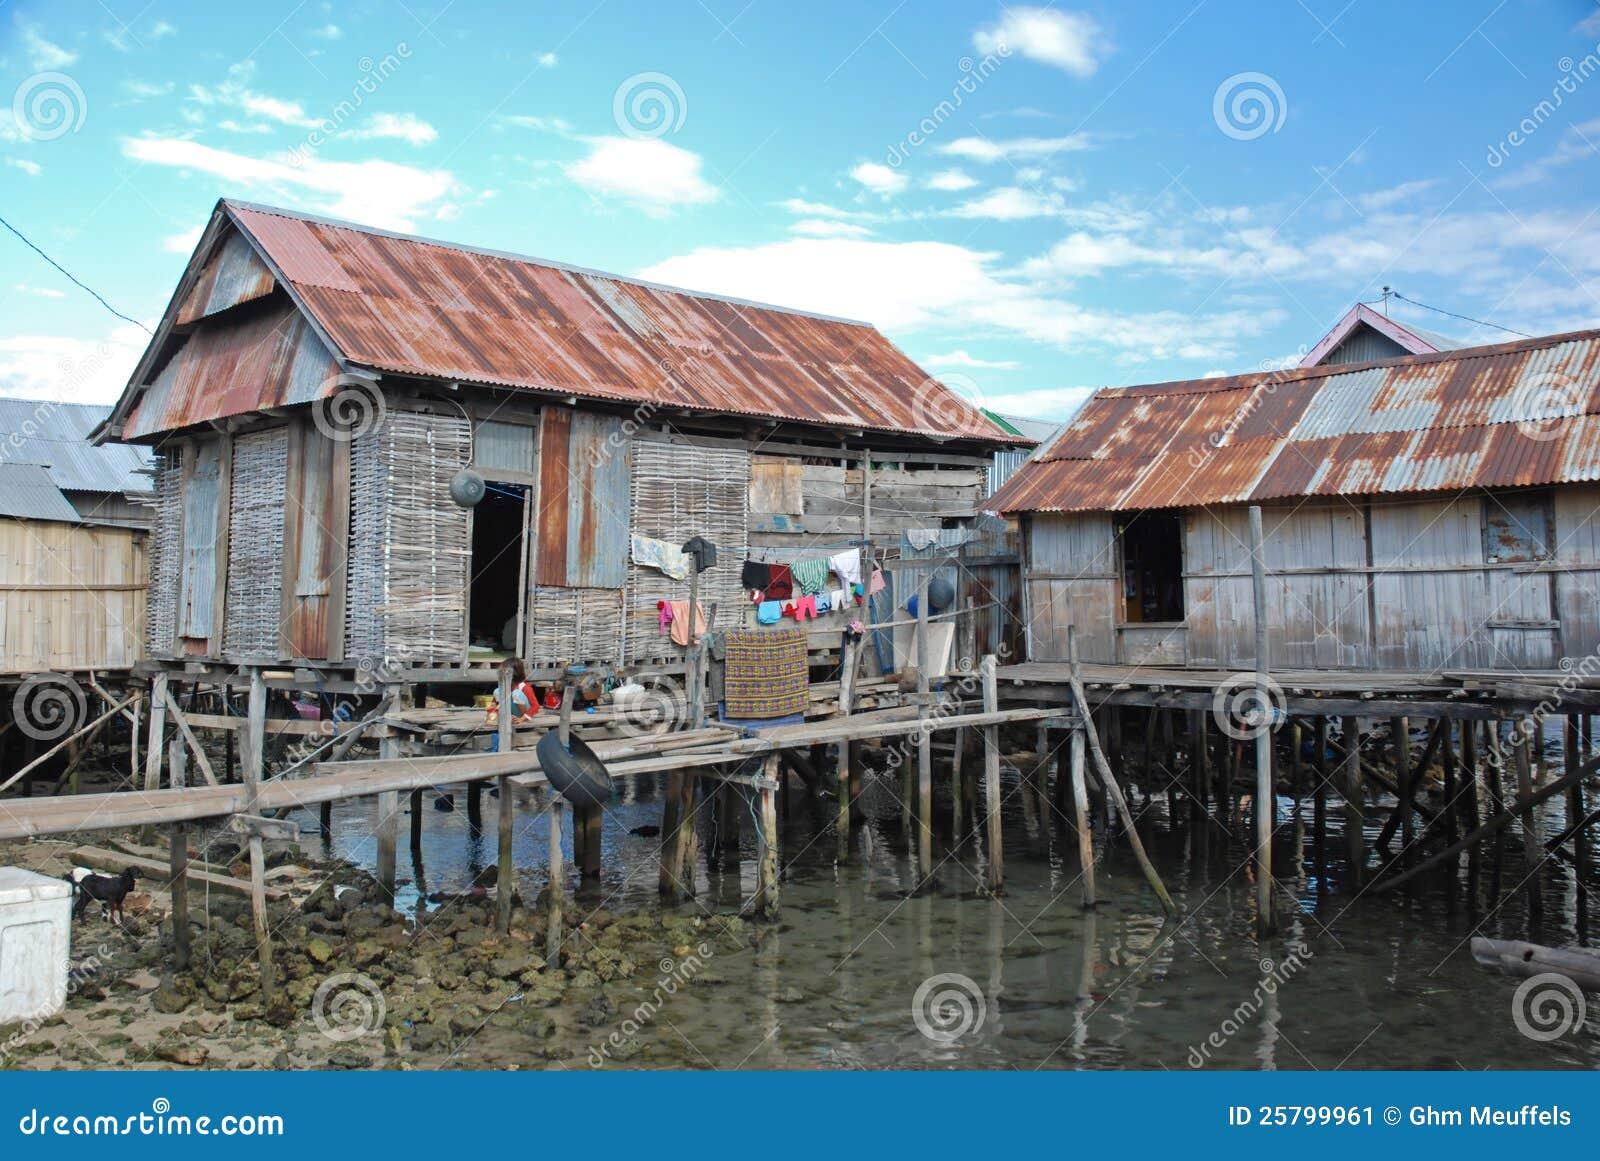 Maumere Indonesia  city images : ... de archivo: Casas residenciales en los zancos, Maumere, Indonesia